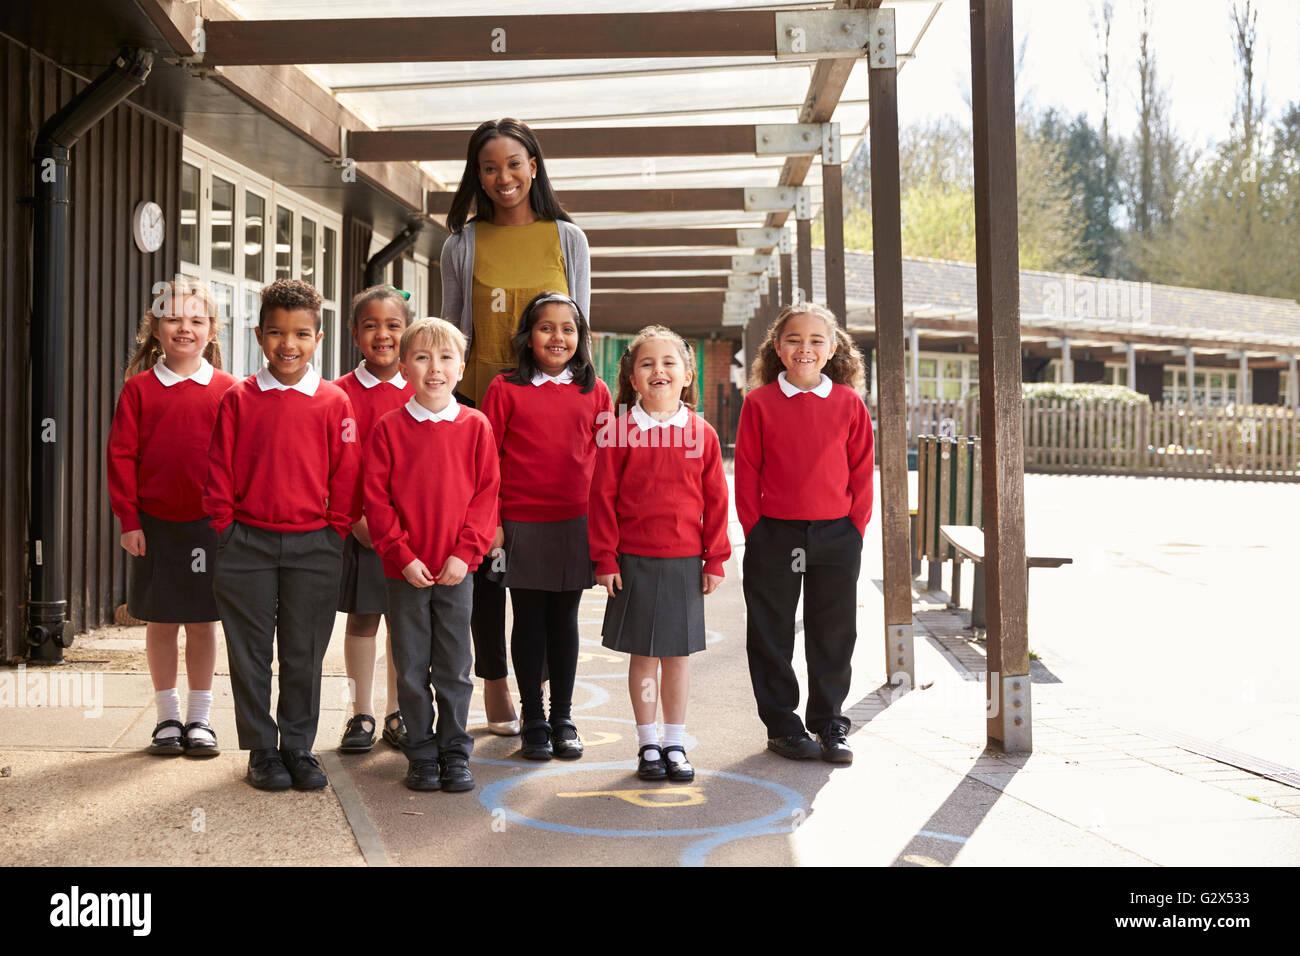 Porträt der Grundschule Schüler und Lehrer auf Spielplatz Stockfoto